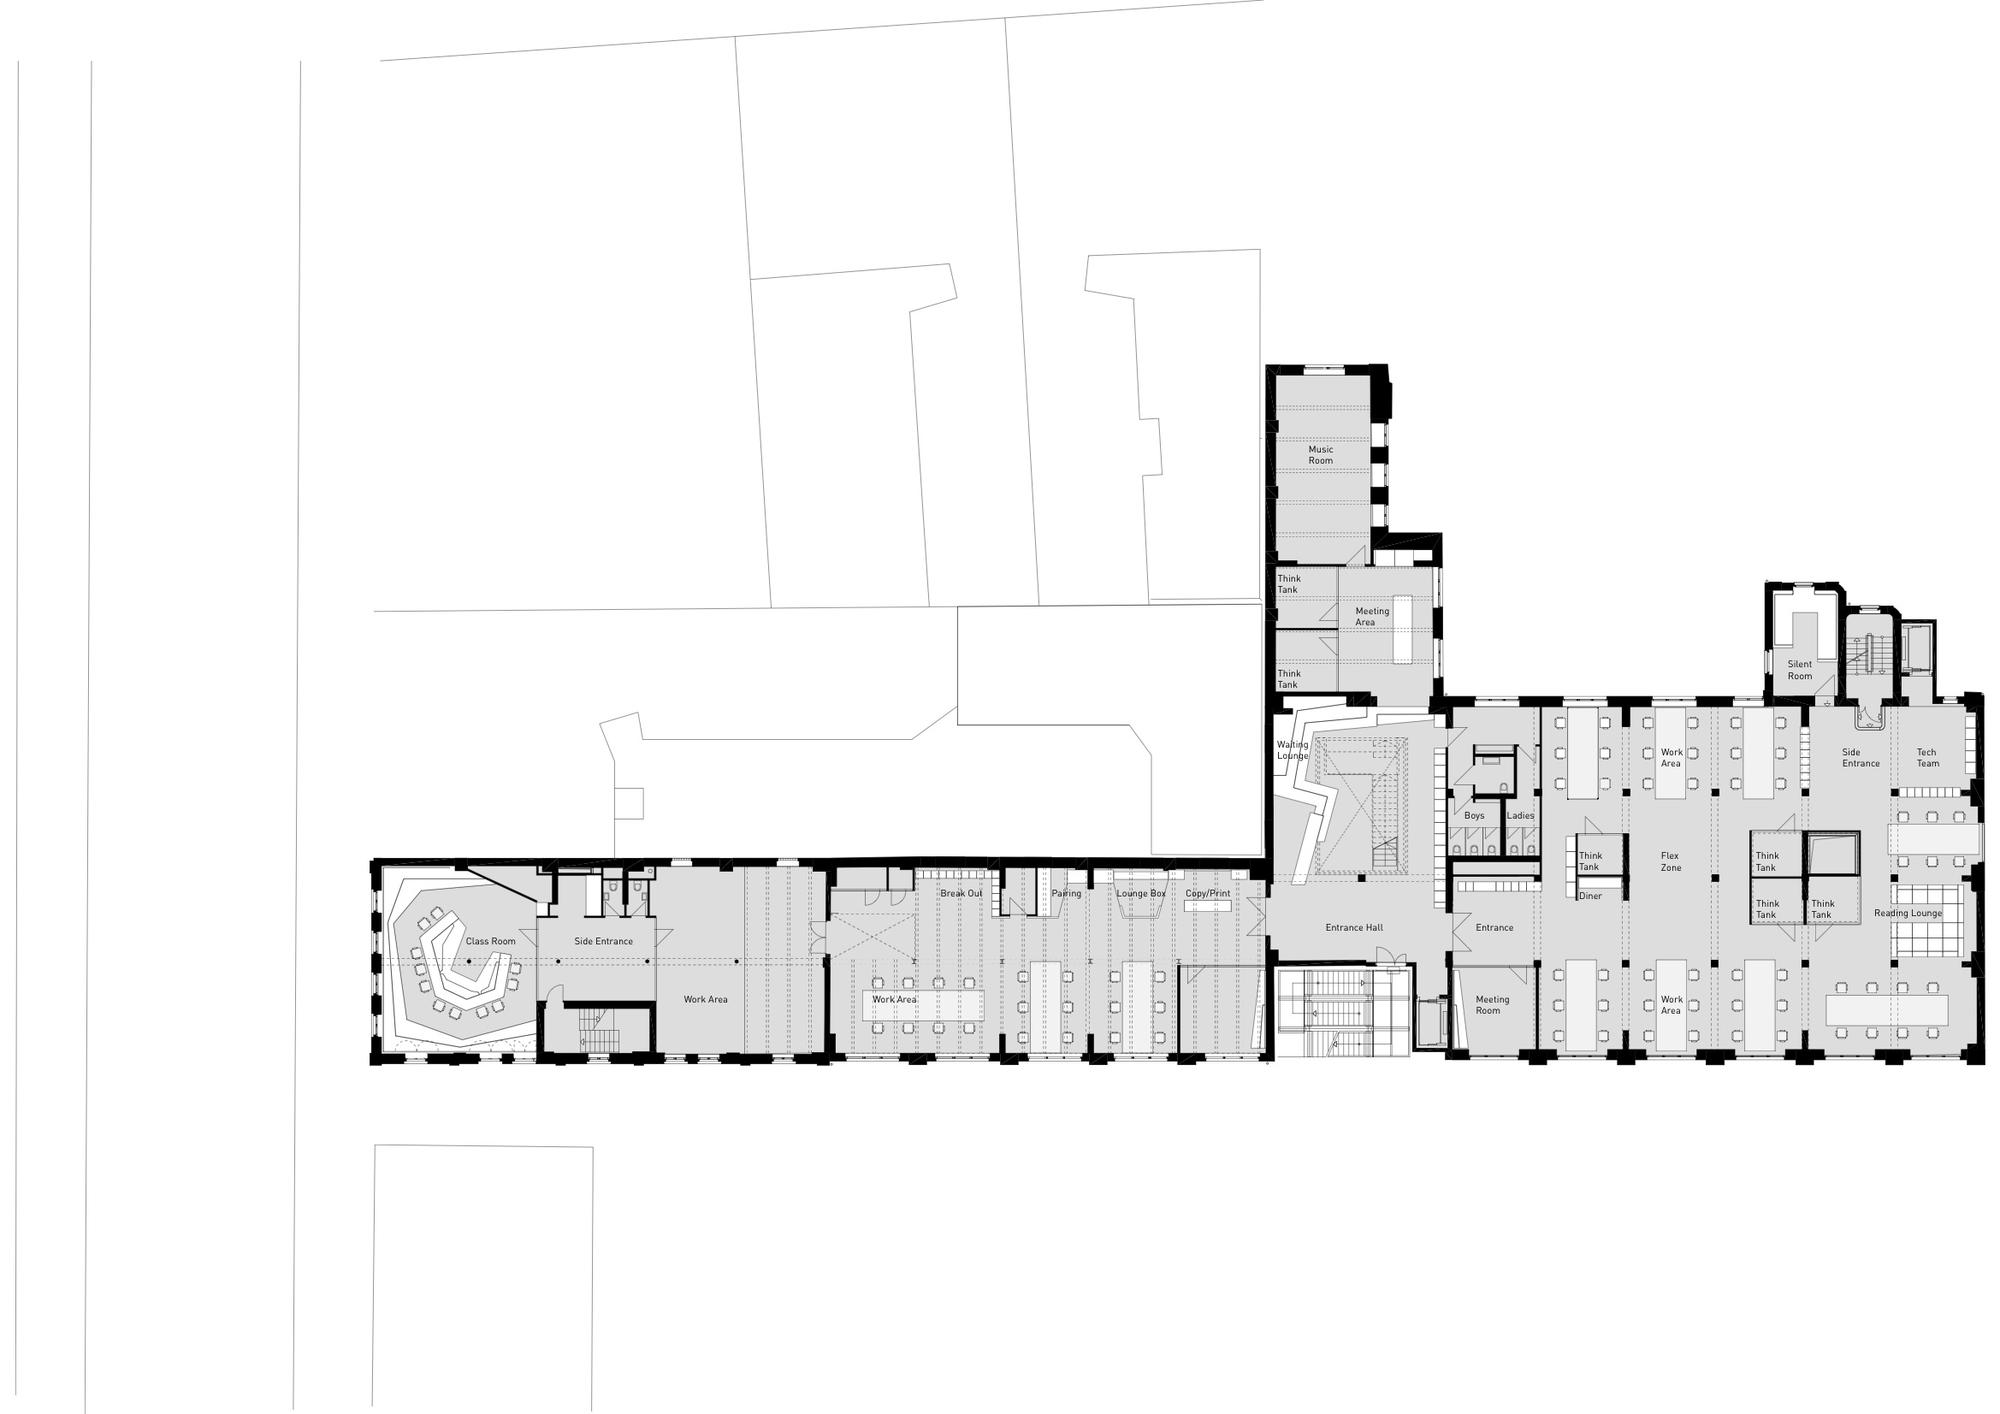 floor plan on pinterest floor plans proposals and